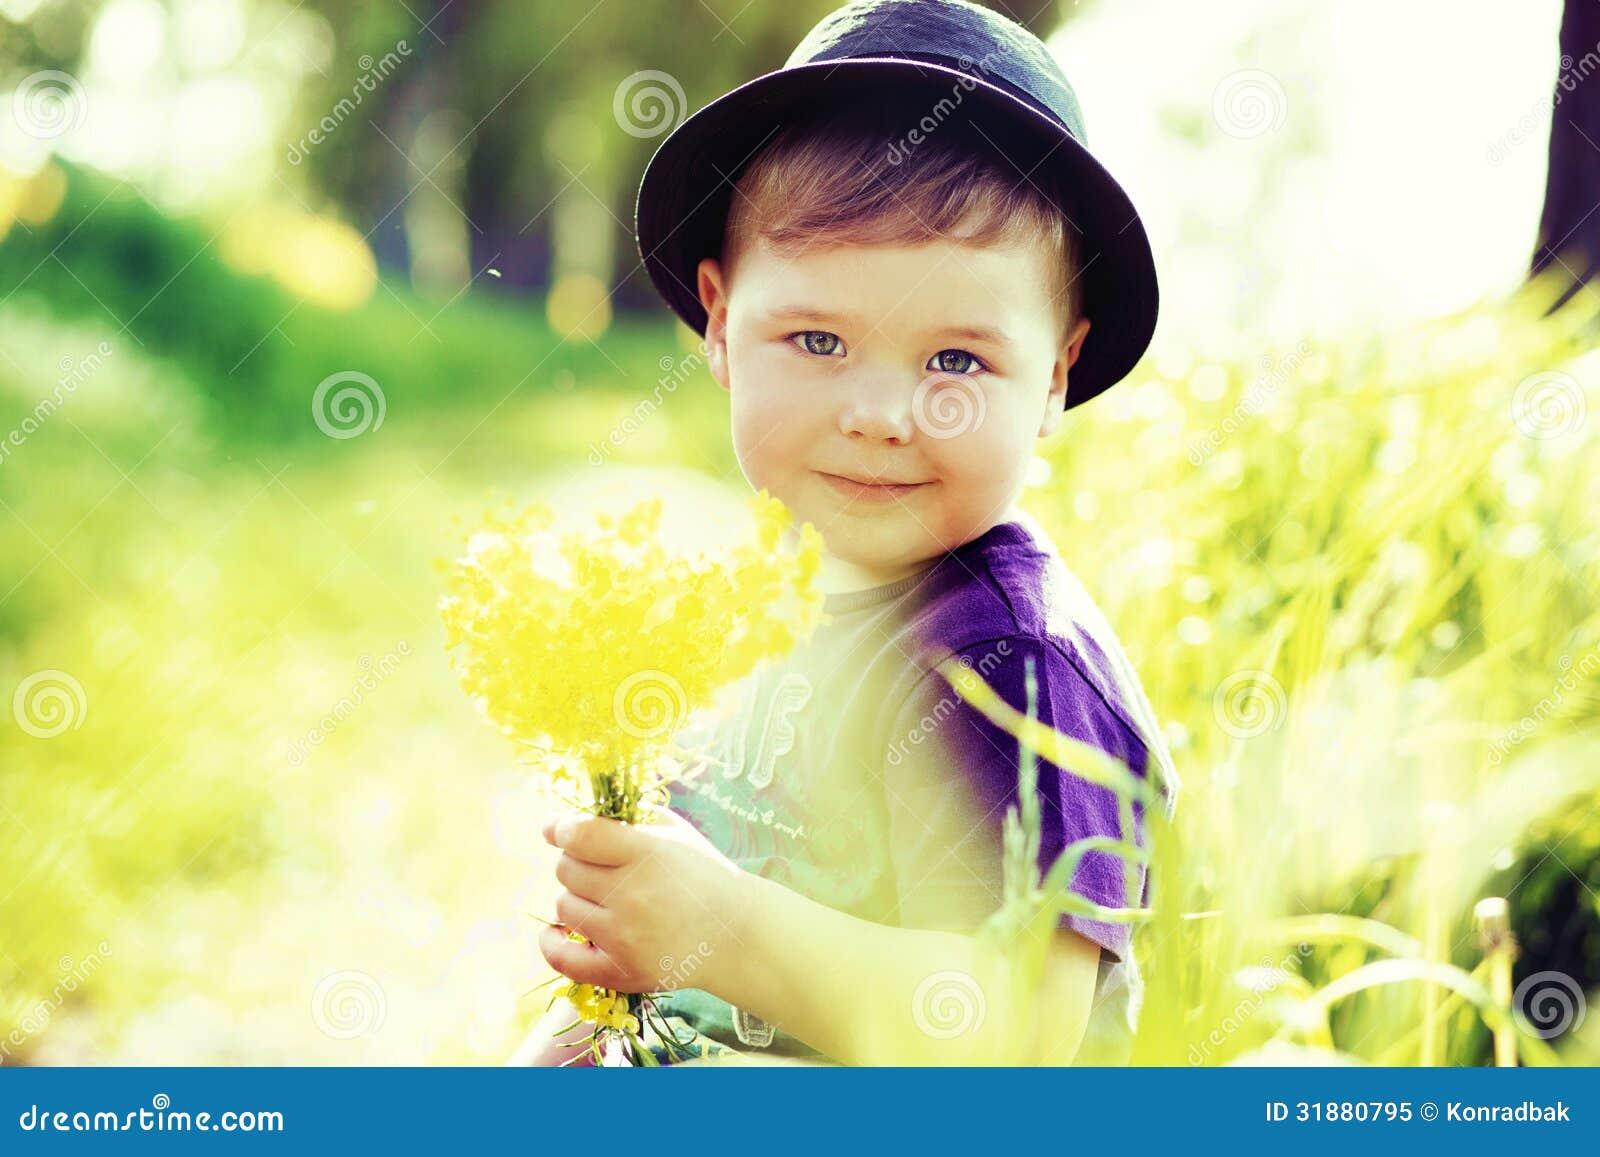 Retrato de un pequeño niño lindo